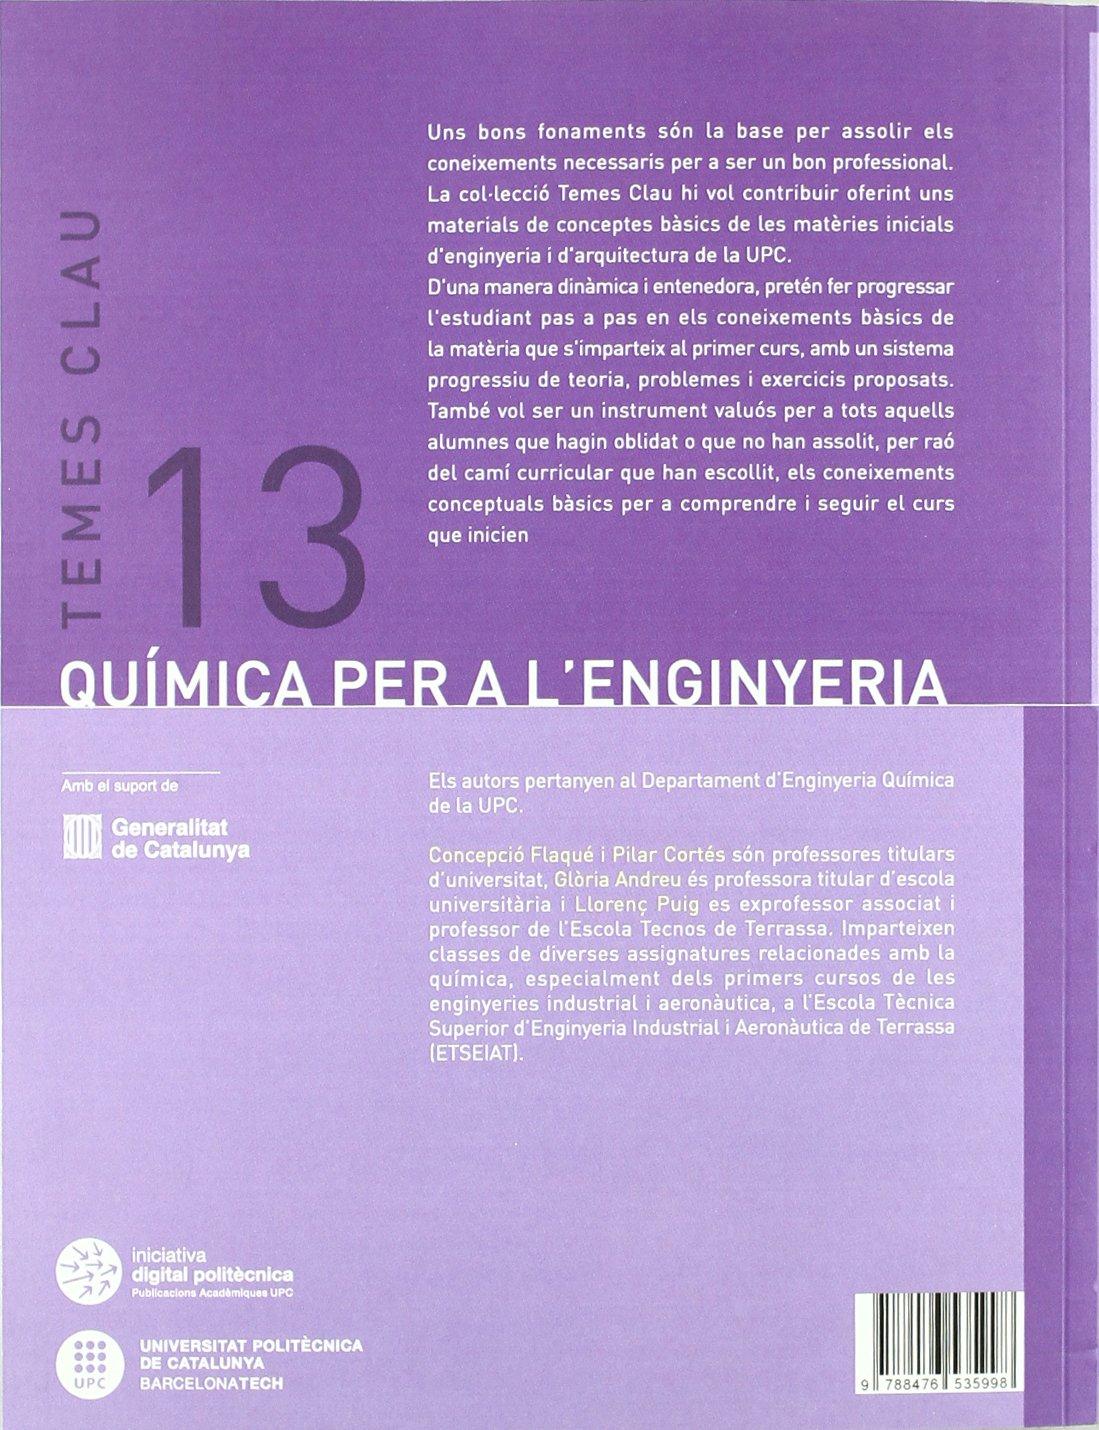 Amazon.com: QUIMICA PER A LENGINYERIA (2ª ED - 2011 ...